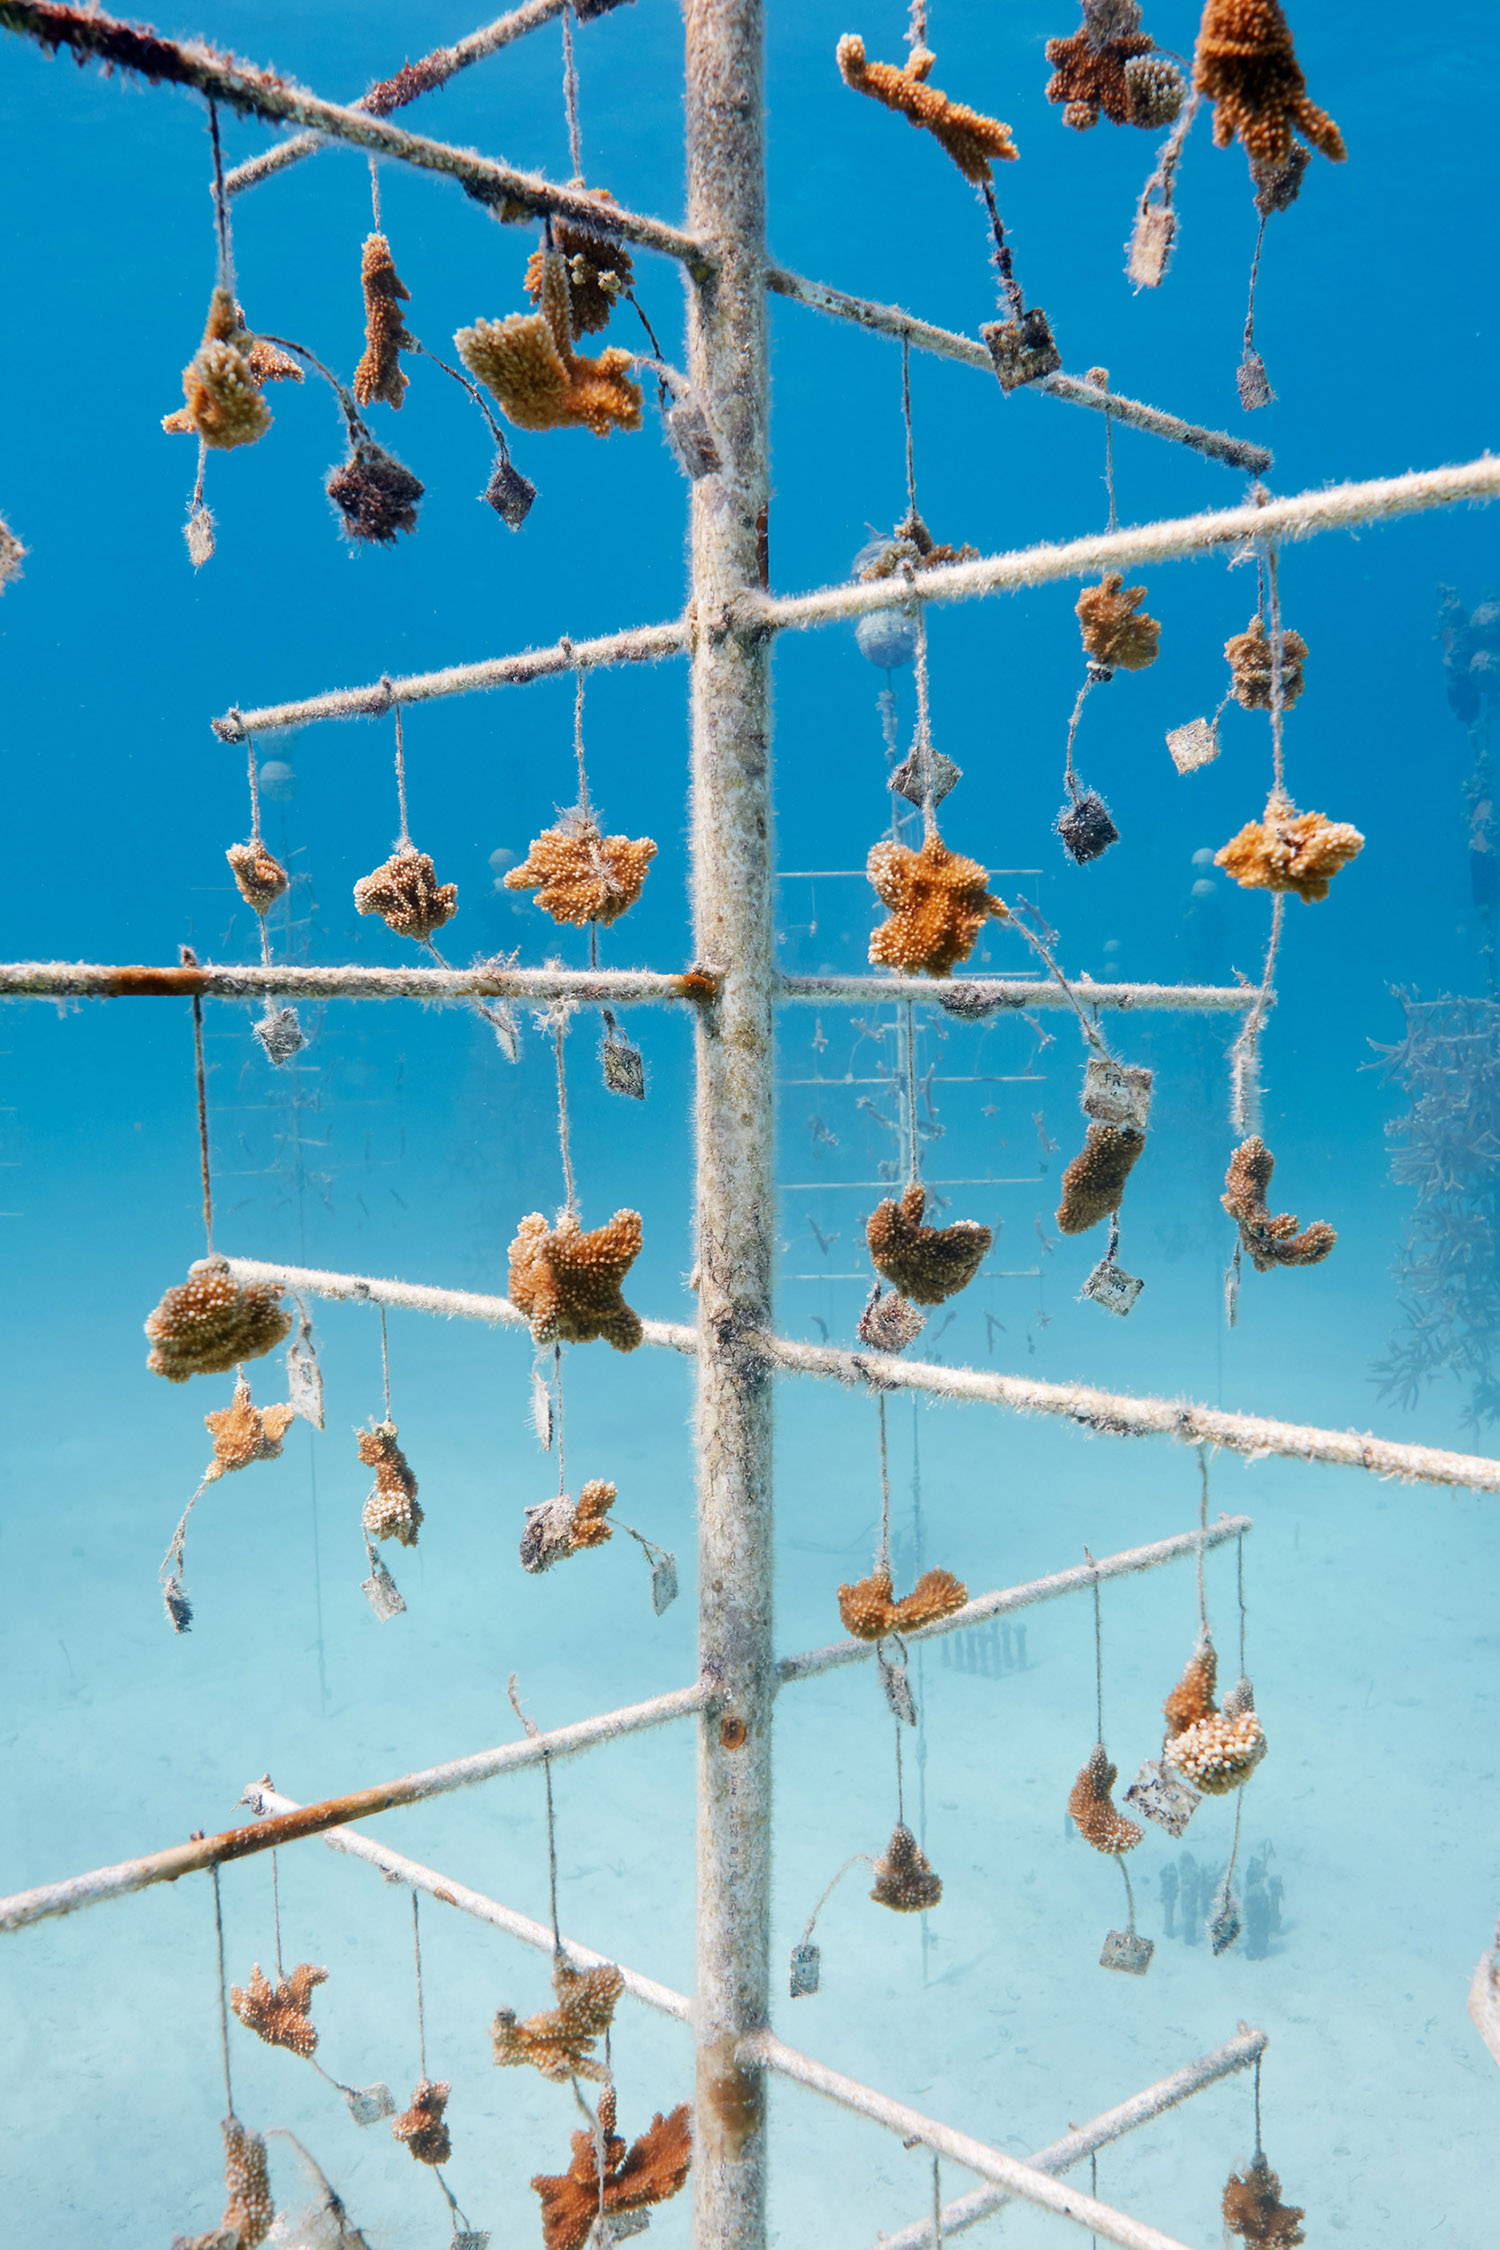 Coral Nursery, Florida Keys, 2017